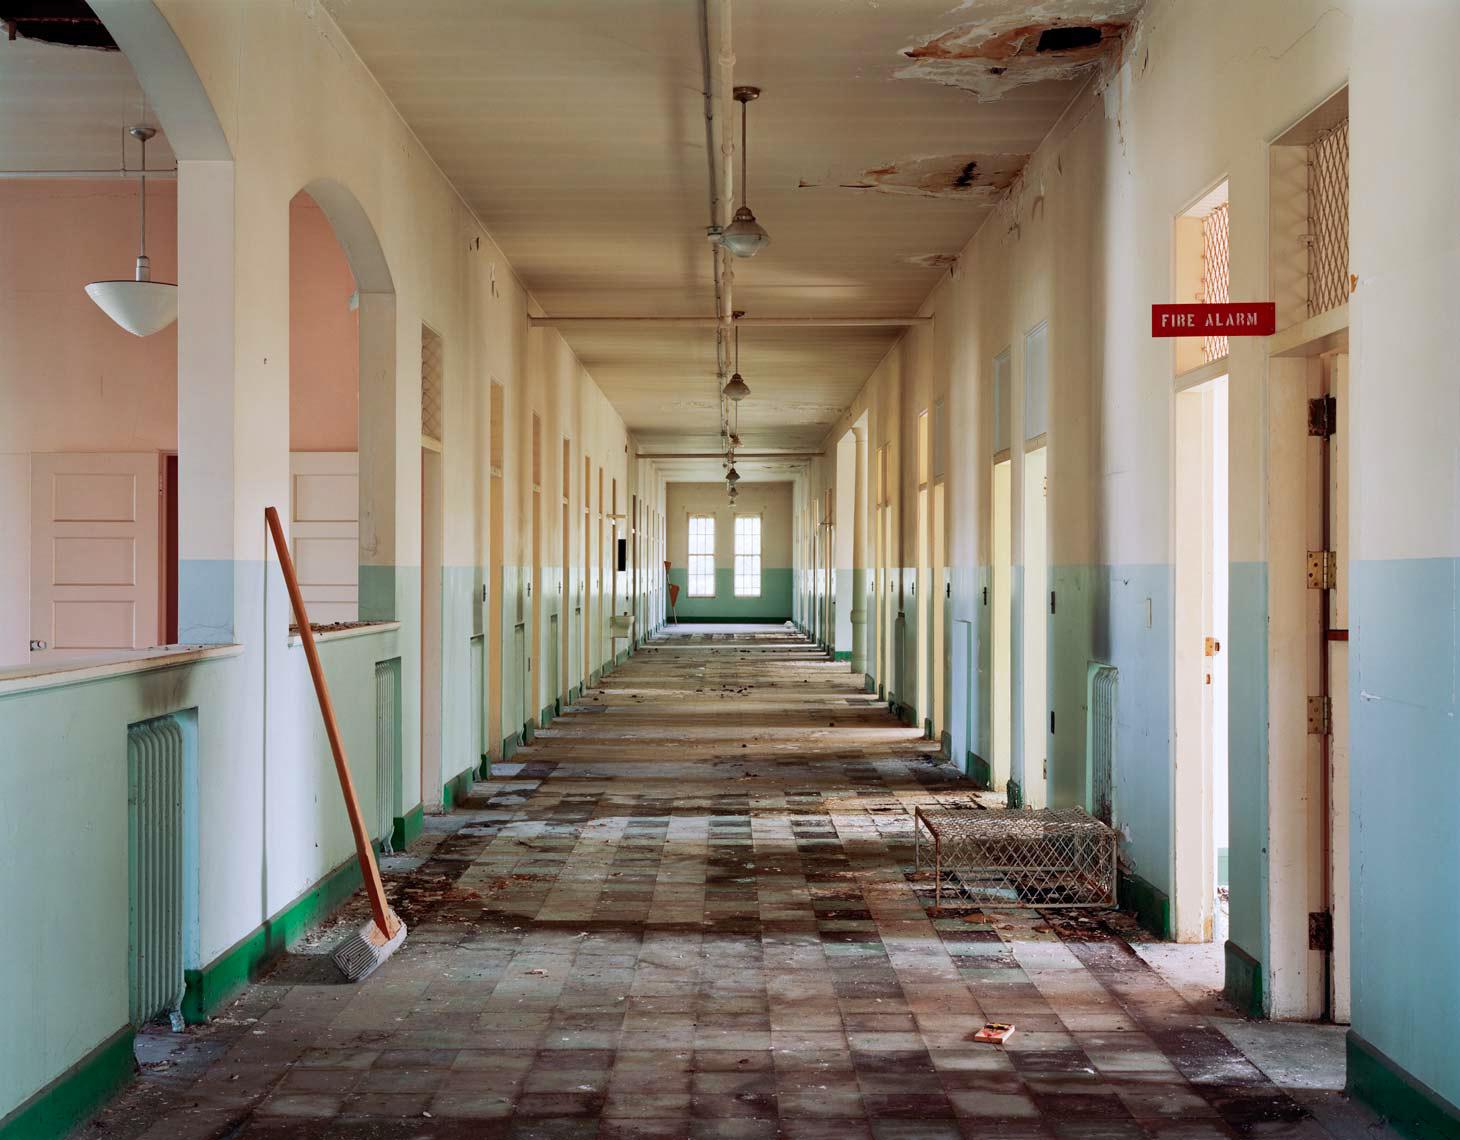 Asylum_027.jpg